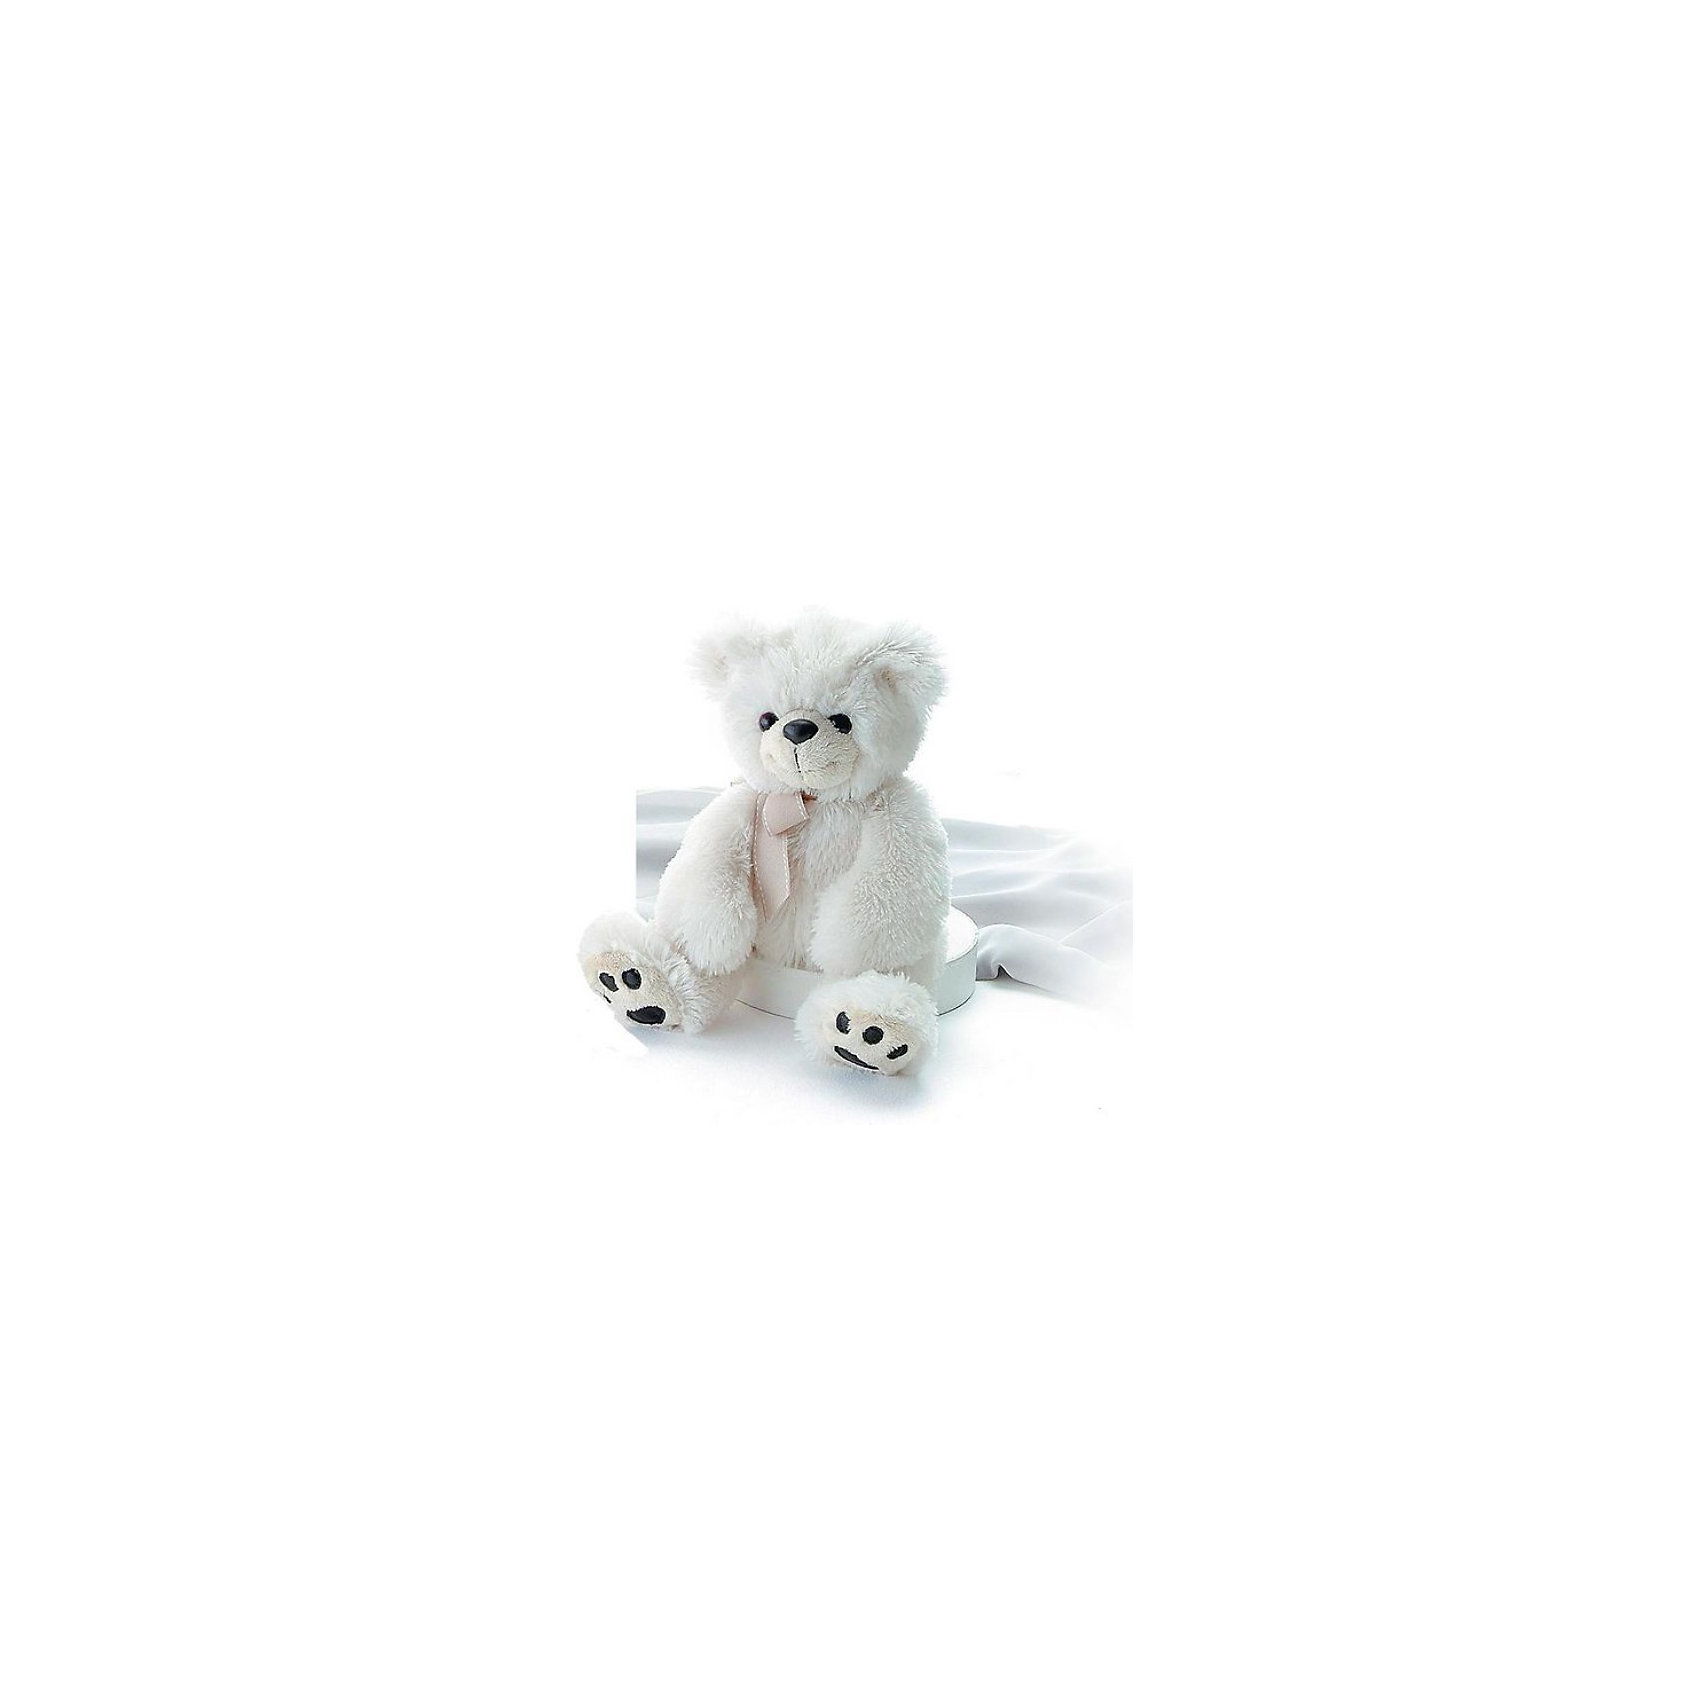 AURORA Мягкая игрушка  Медведь (кремовый), 50 смAURORA Мягкая игрушка Медведь, 50 см- замечательный плюшевый медвежонок кремового цвета с бледно-розовым бантиком.  У медвежонка черные: глазки, носик и пятнышки на лапках.<br><br>Как дети, так и взрослые в восторге от смешных плюшевых медвежат!<br><br>Мишка изготовлен из экологически чистых био-материалов:  плюш высшего качества и гипoaллepгeнный cинтепoн. <br><br>Дополнительная информация:<br><br>- Игрушка пригодна для машинной стирки, не теряет при этом внешний вид.<br>- Размеры: 0.2 х 0.24 х 0.5 м.<br>- Материалы:  плюш и гипoaллepгeнный cинтепoн.<br><br>Этот красивый плюшевый медведь обязательно понравится вашему ребенку!<br><br>AURORA Мягкую игрушку  Медведь (кремовый), 50 см можно купить в нашем магазине.<br><br>Ширина мм: 500<br>Глубина мм: 230<br>Высота мм: 160<br>Вес г: 835<br>Возраст от месяцев: 24<br>Возраст до месяцев: 120<br>Пол: Унисекс<br>Возраст: Детский<br>SKU: 2147575